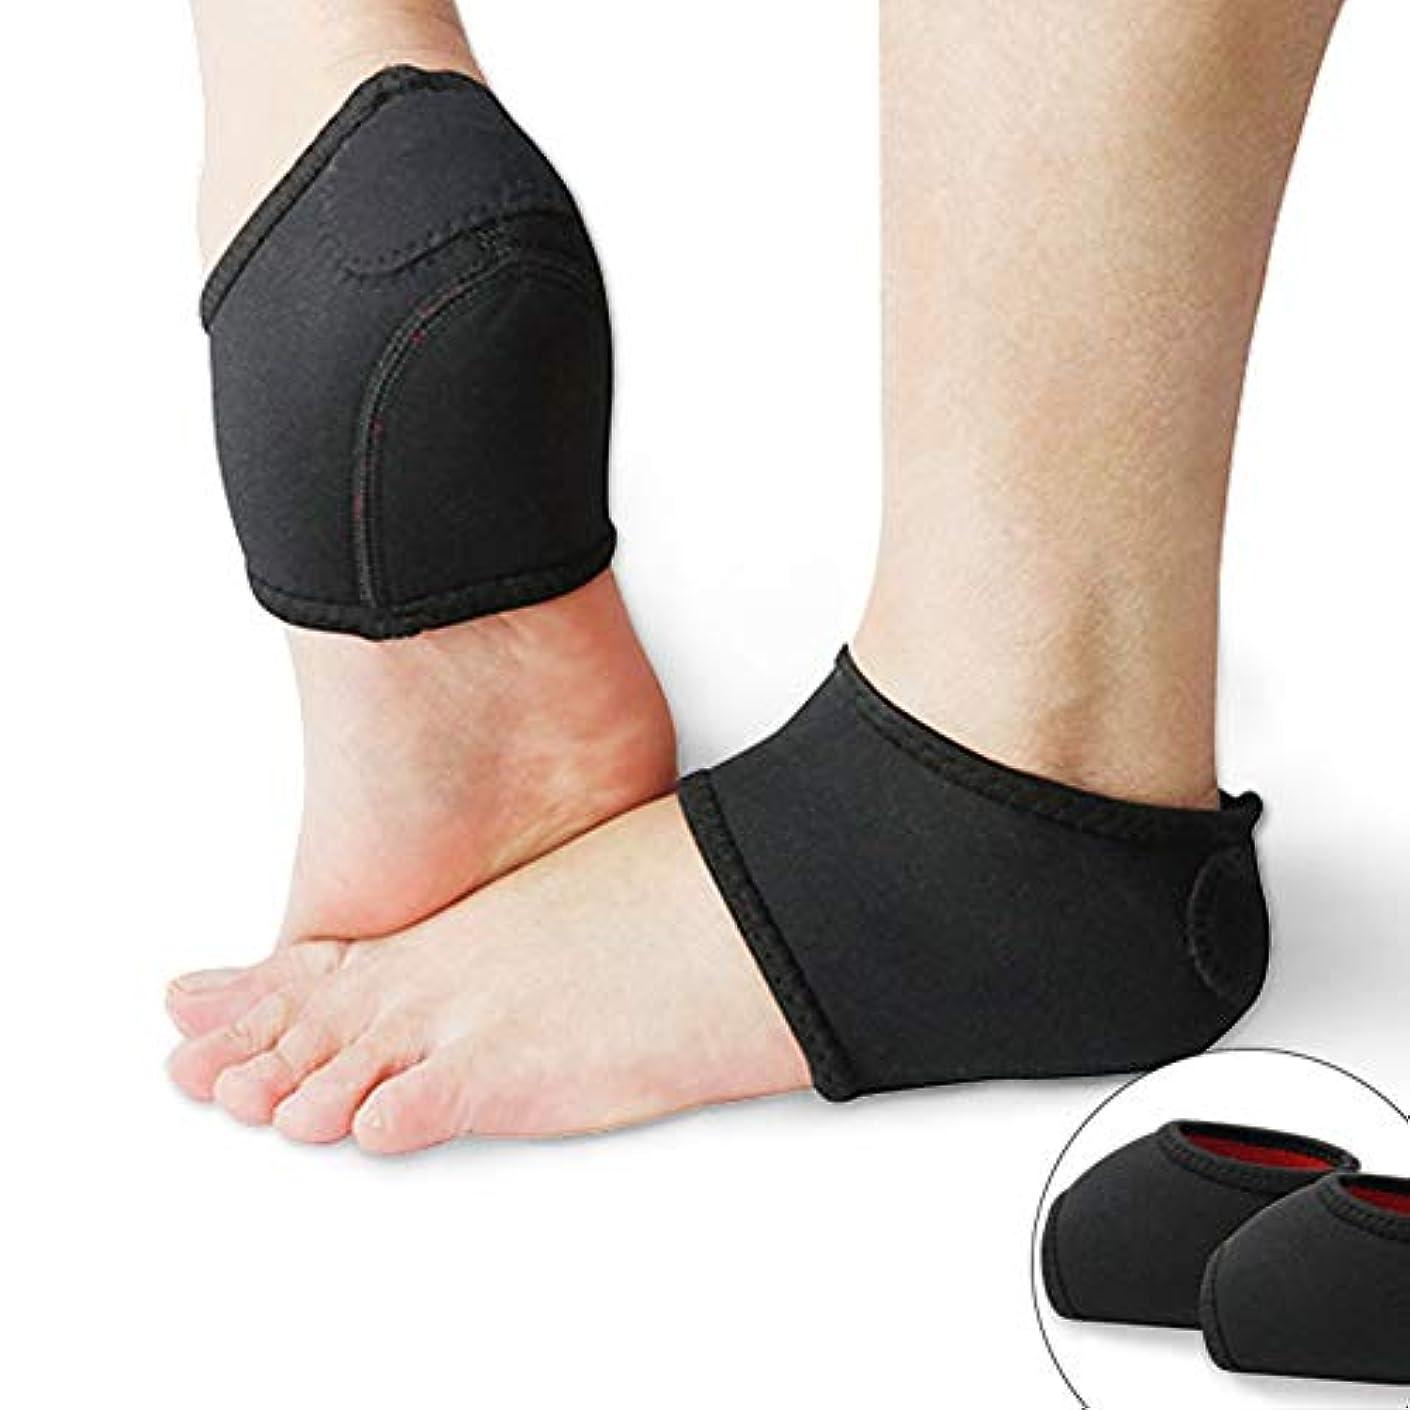 通知短命ストライプヒールガードセット、ヒールプロテクター-足底筋膜炎からヒールの痛みを和らげる-ヒールスパー(2ペア)